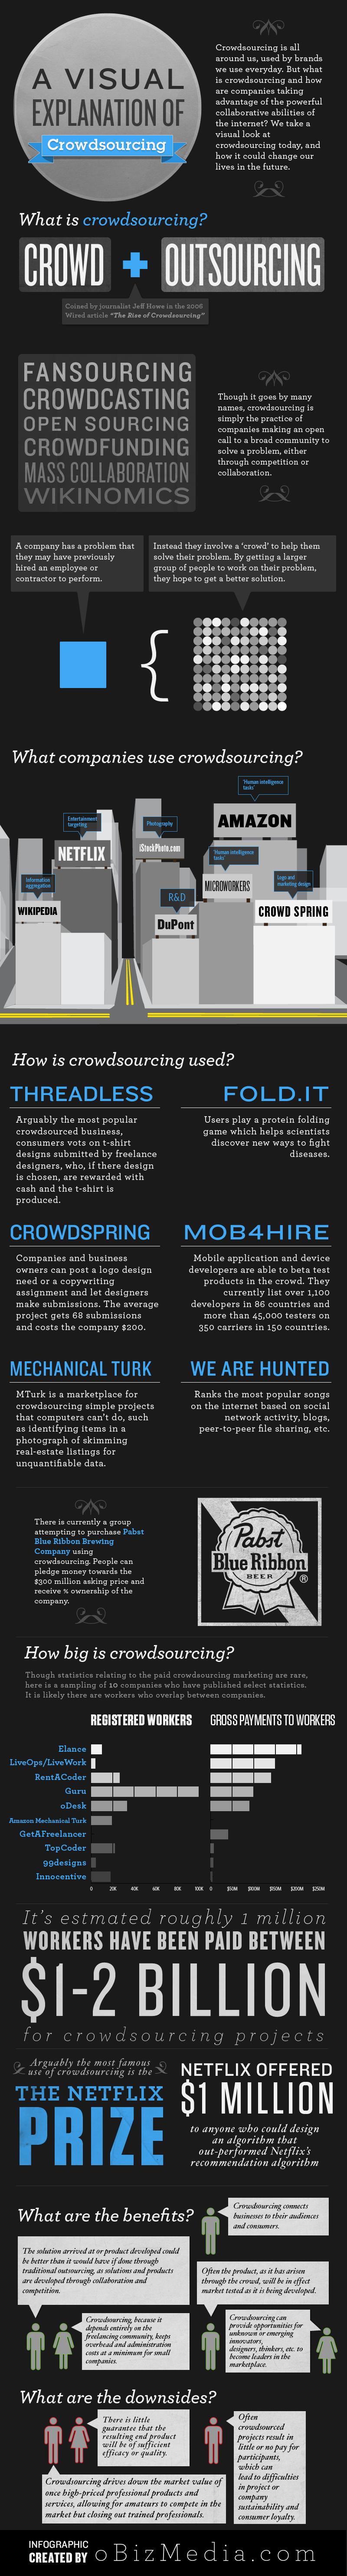 crowdsourcing-infographic-externalizarea